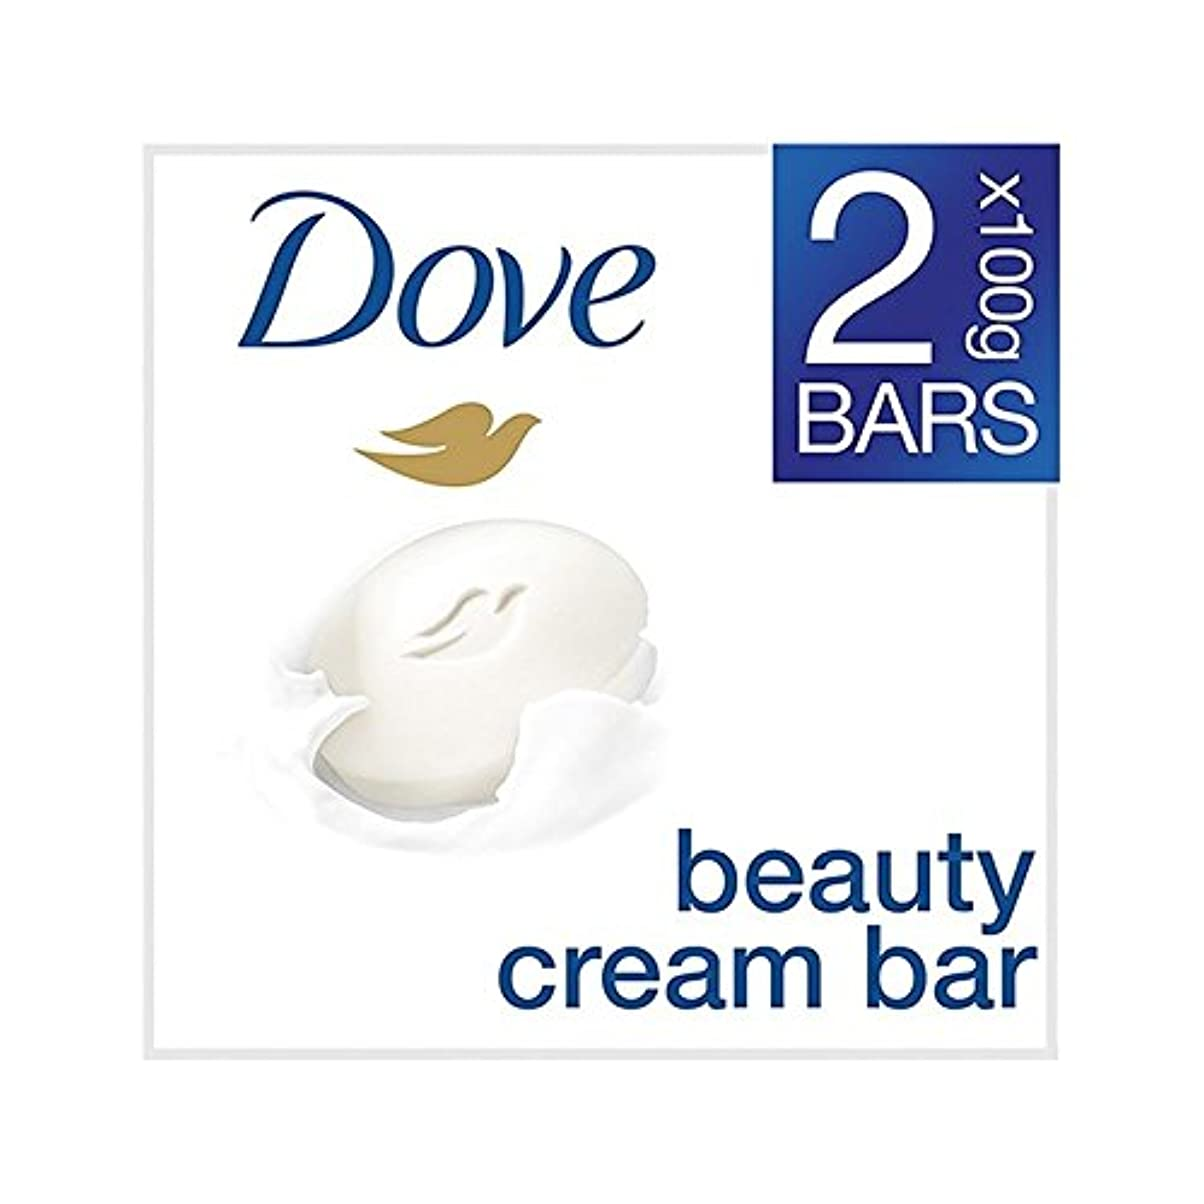 事業内容側面咳[Dove ] 鳩の美容クリームバーオリジナルの2×100グラム - Dove Beauty Cream Bar Original 2 x 100g [並行輸入品]